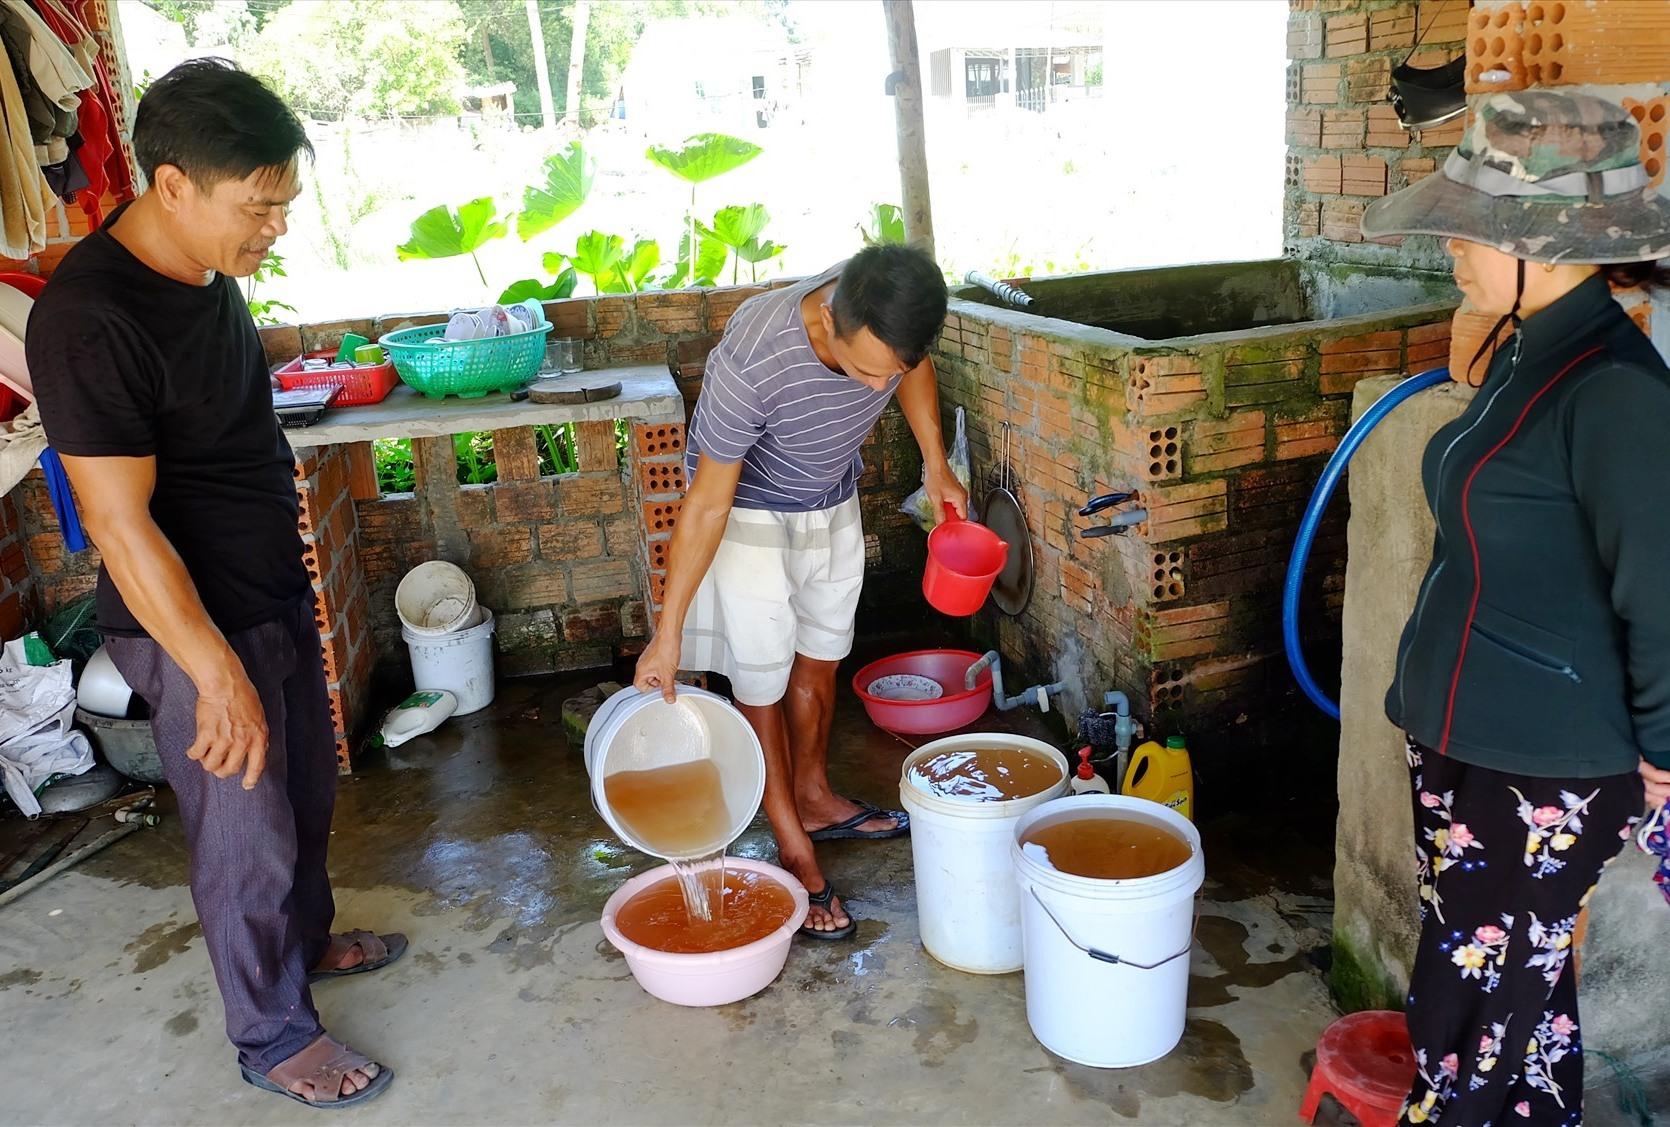 Nguồn nước giếng khoan đã bị nhiễm phèn đỏ ngầu, người dân thiếu nước sinh hoạt. Ảnh: A.B